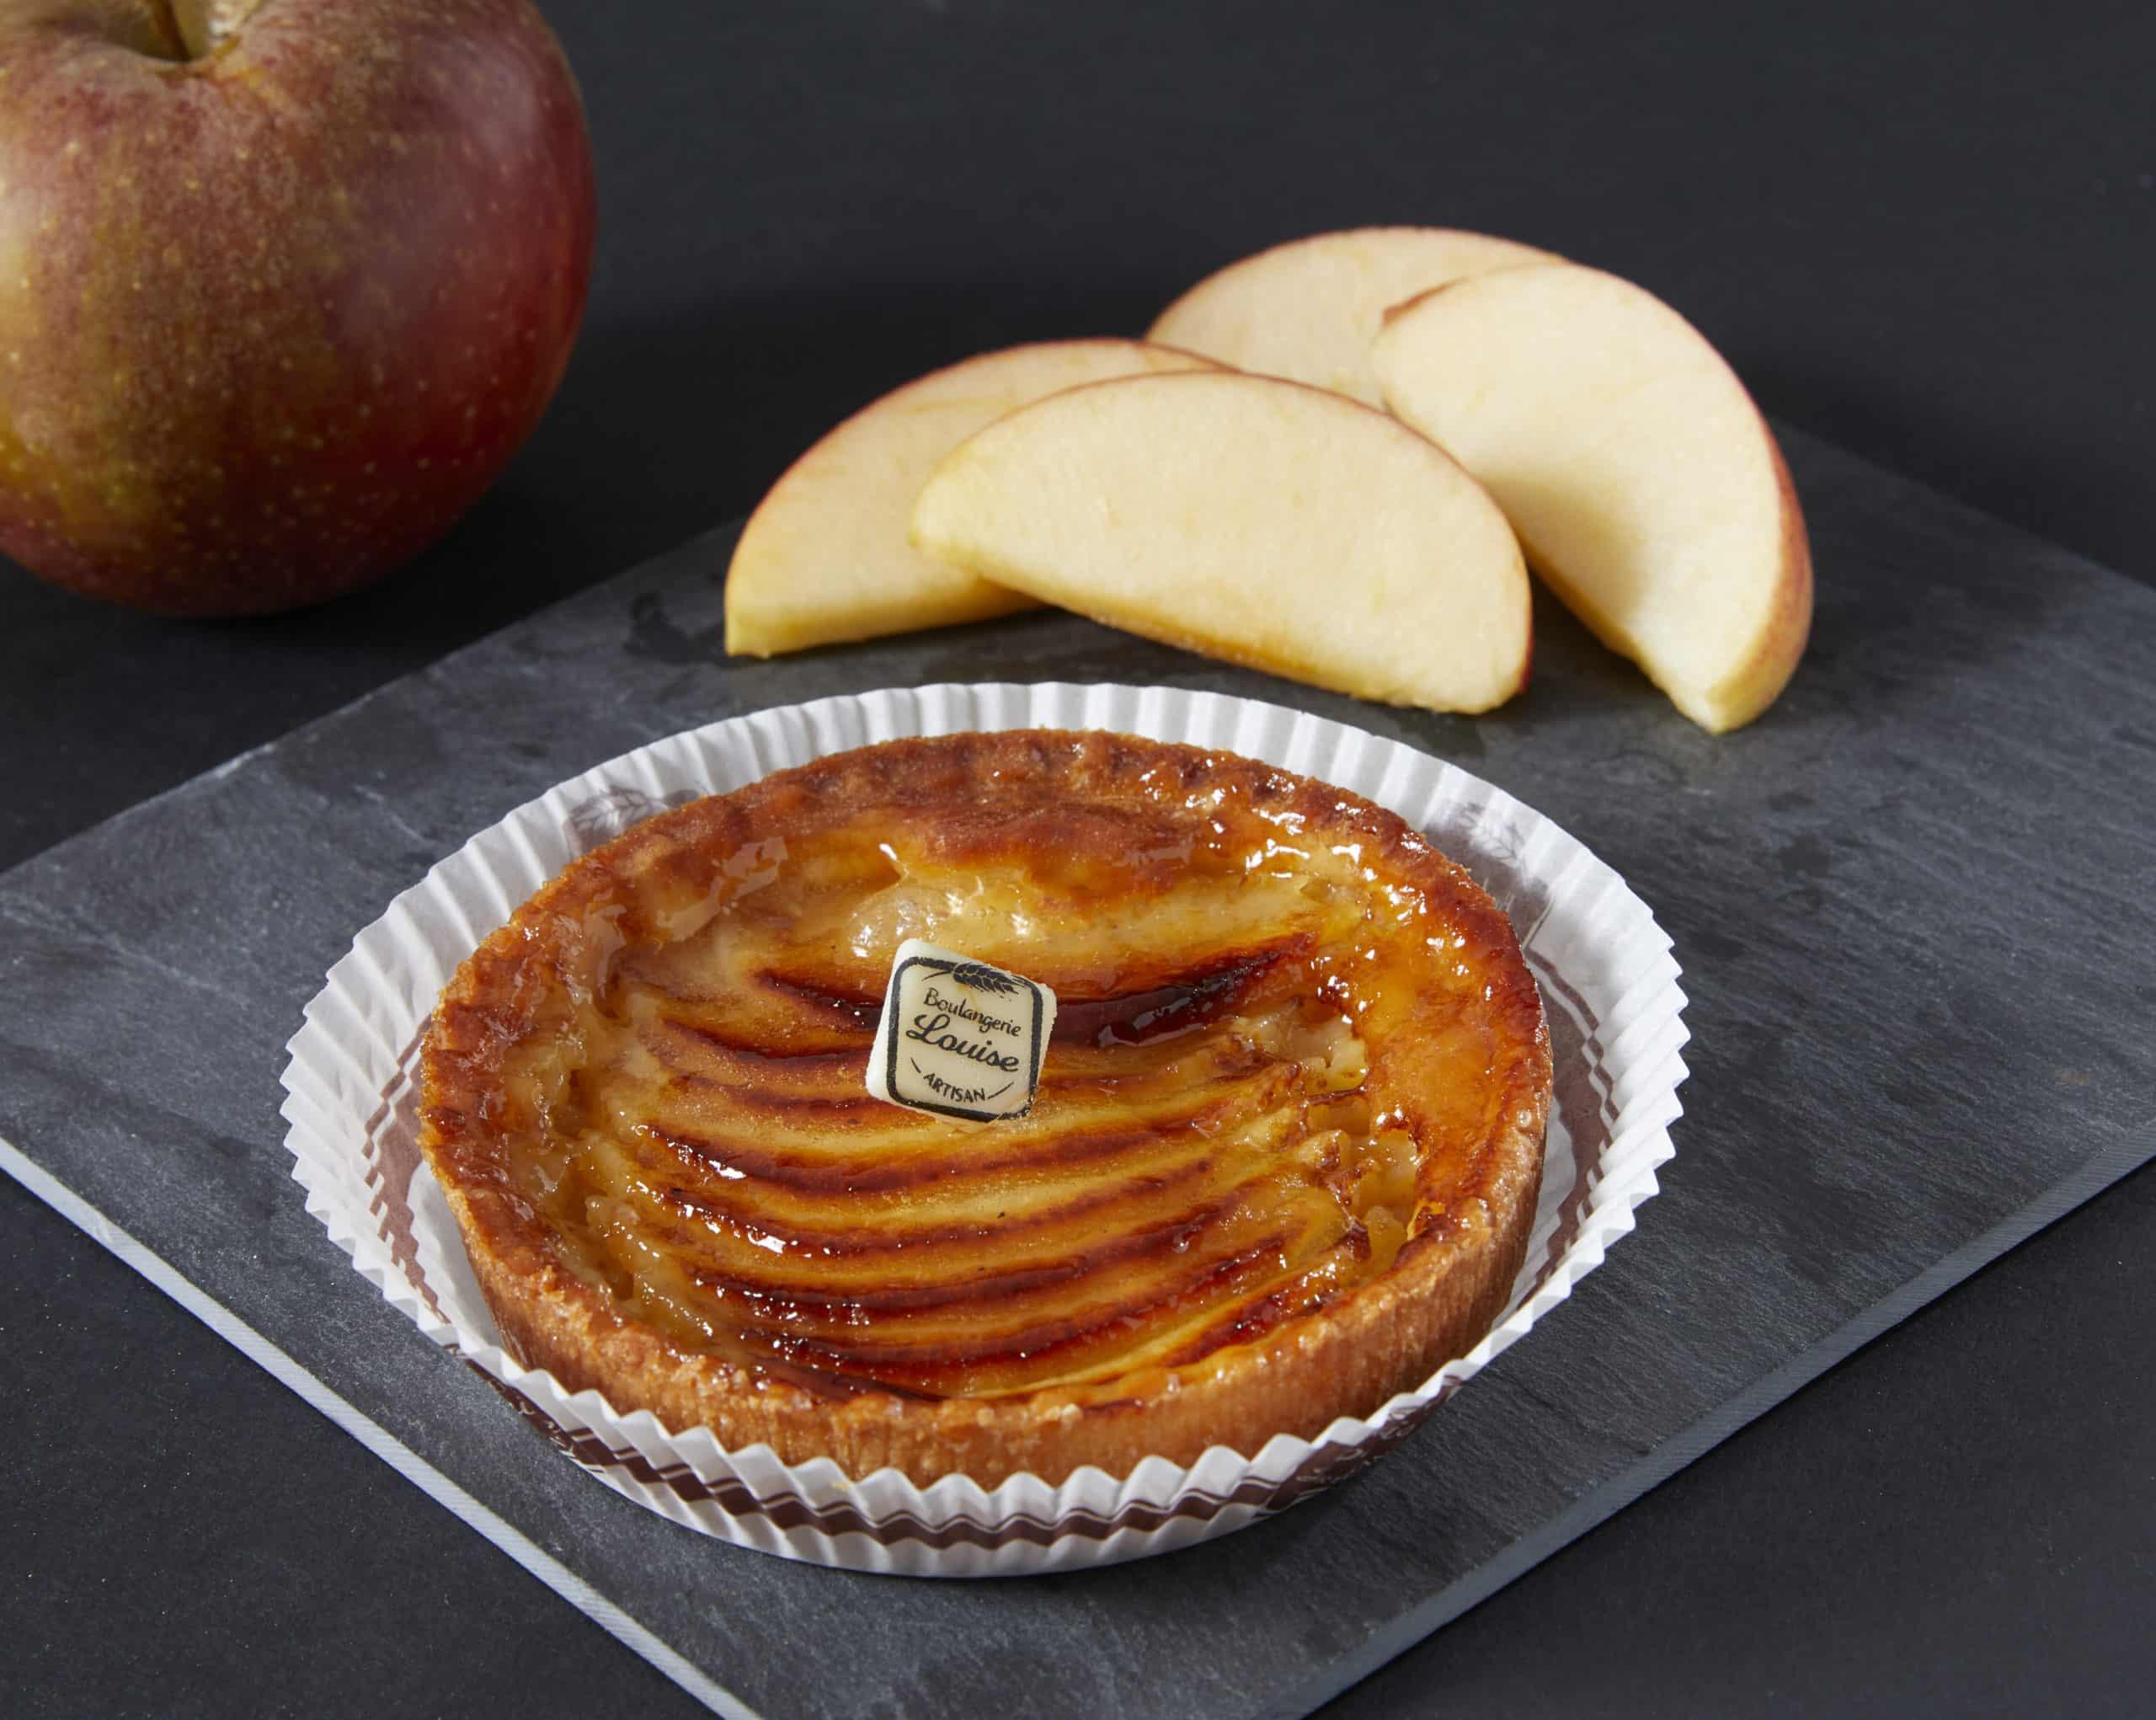 Cours De Cuisine Henin Beaumont boulangerie louise - de la moisson à la maison